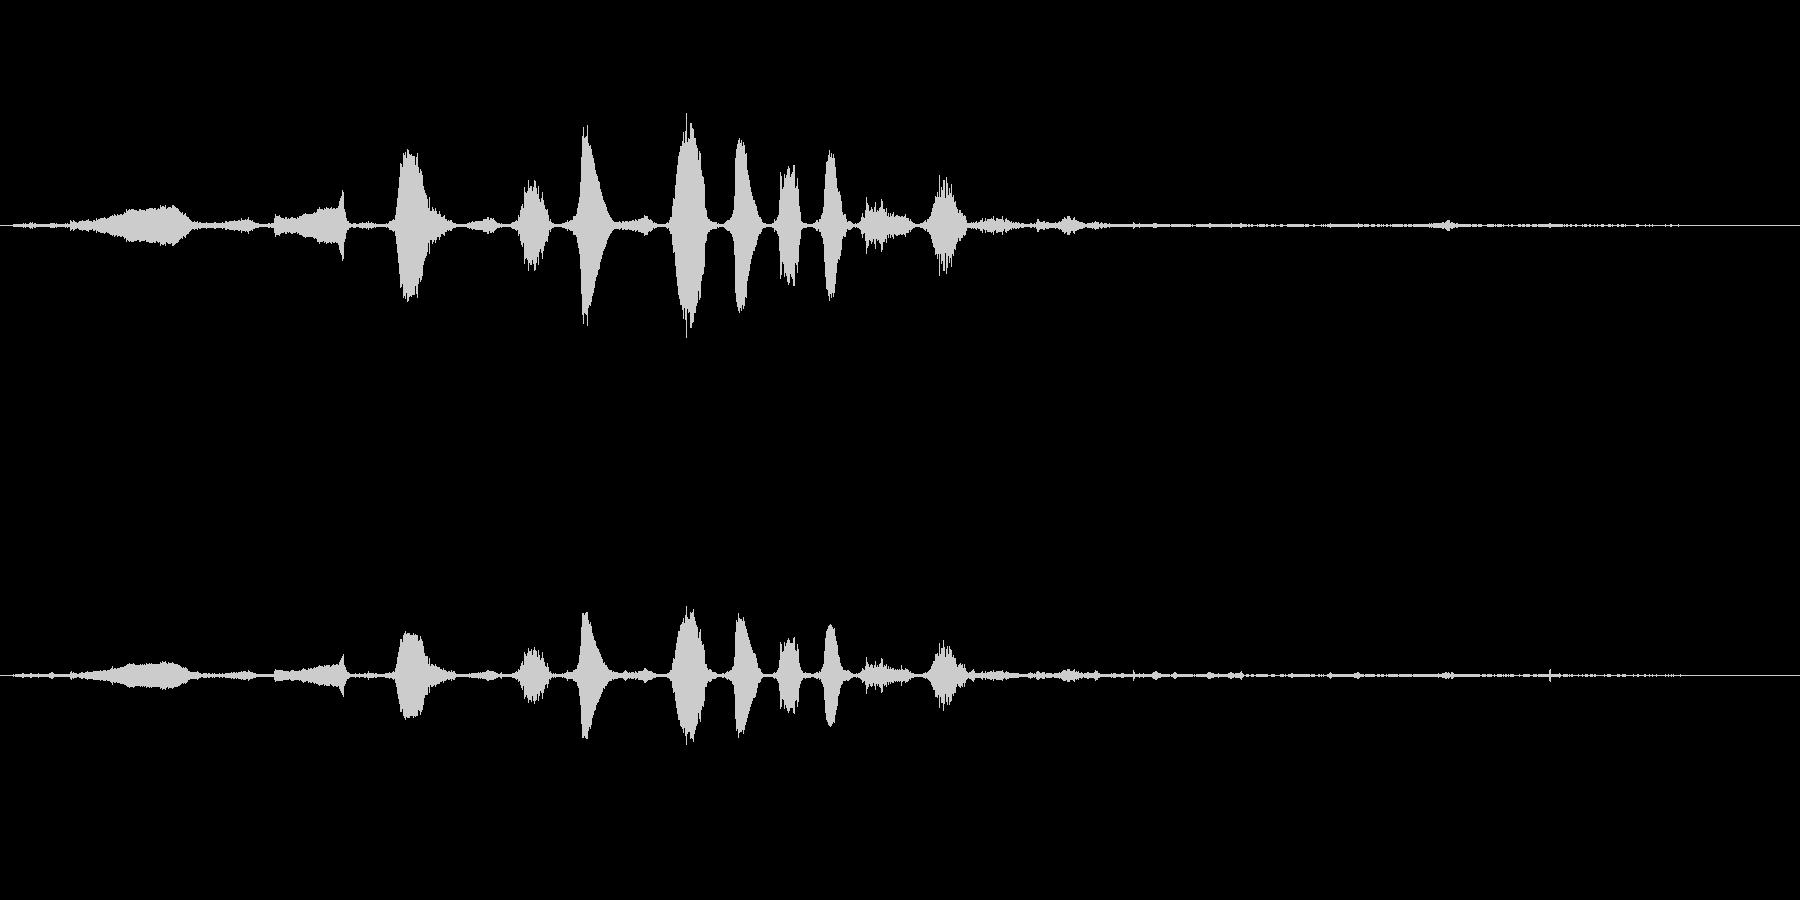 ロバ ブレイレゾナント04の未再生の波形